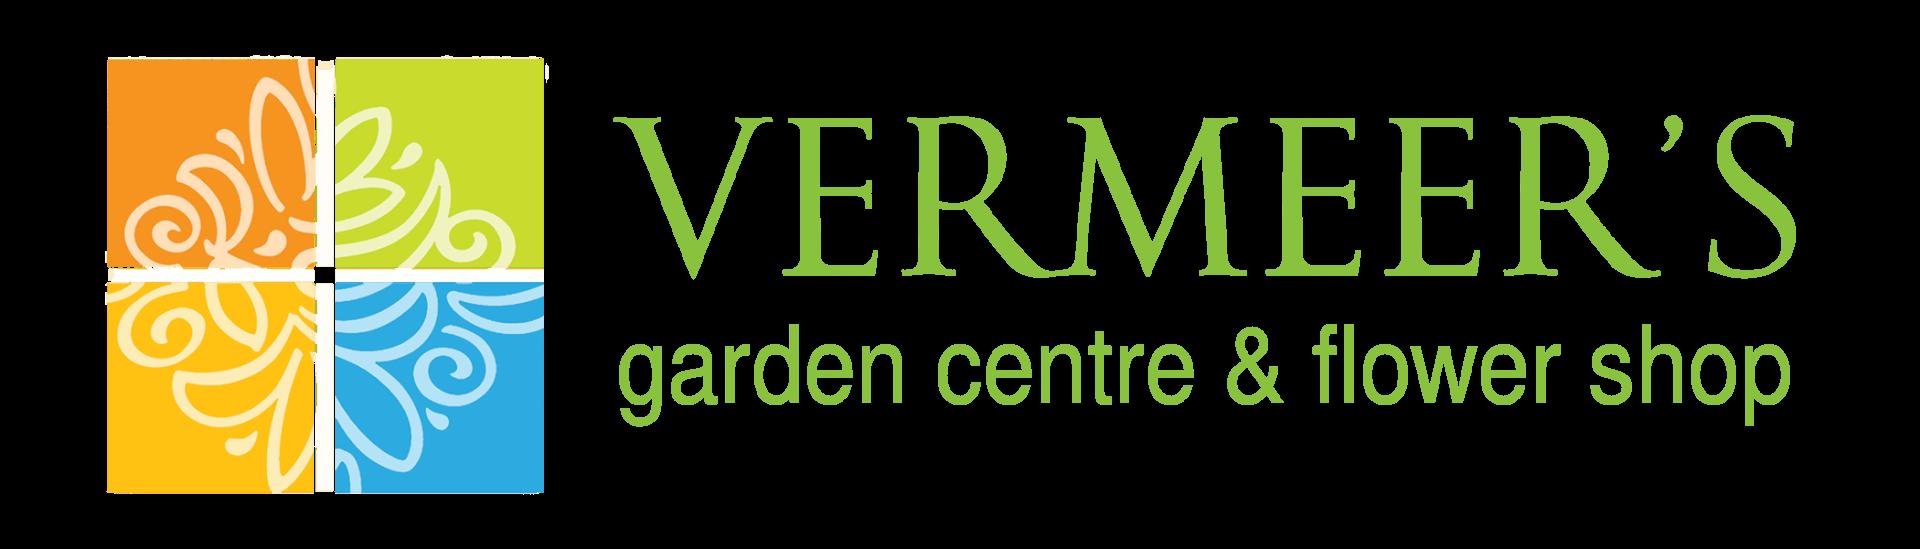 Vermeers Garden Centre